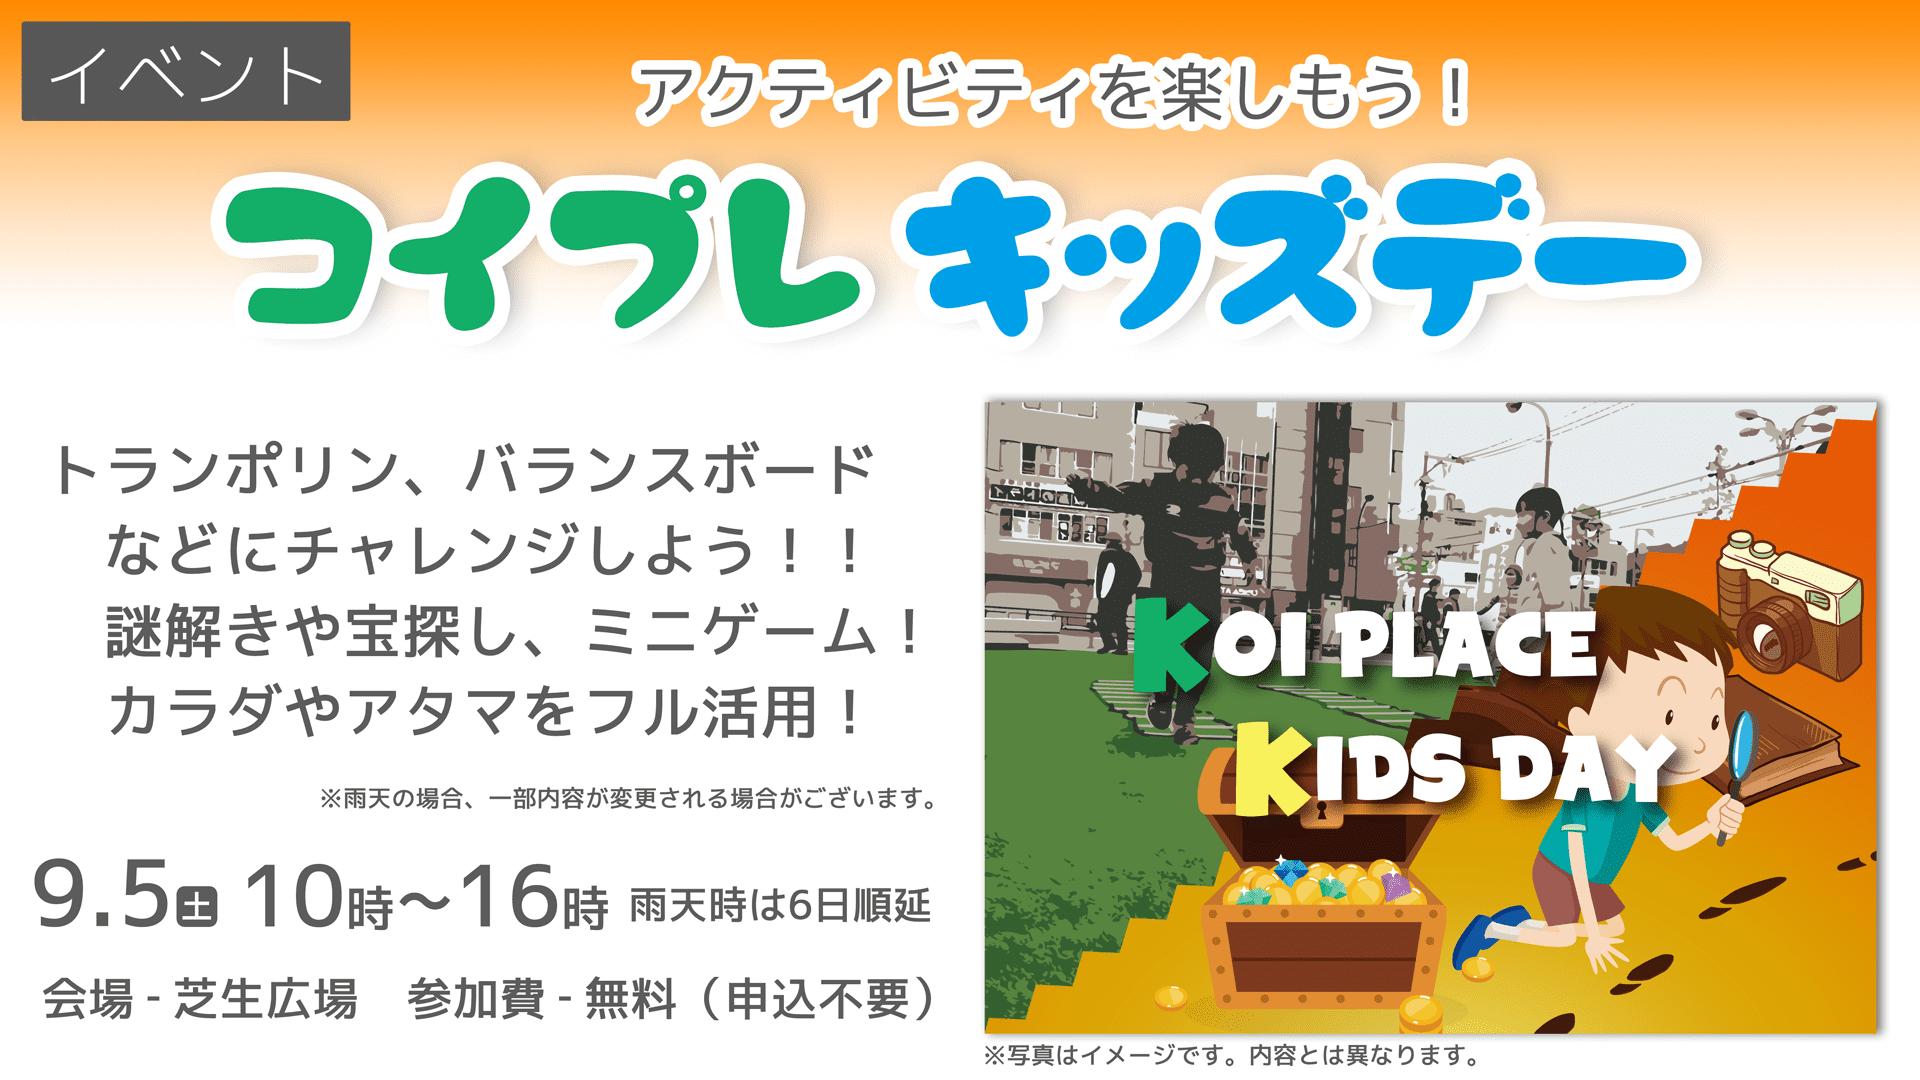 コイプレ キッズデー 3